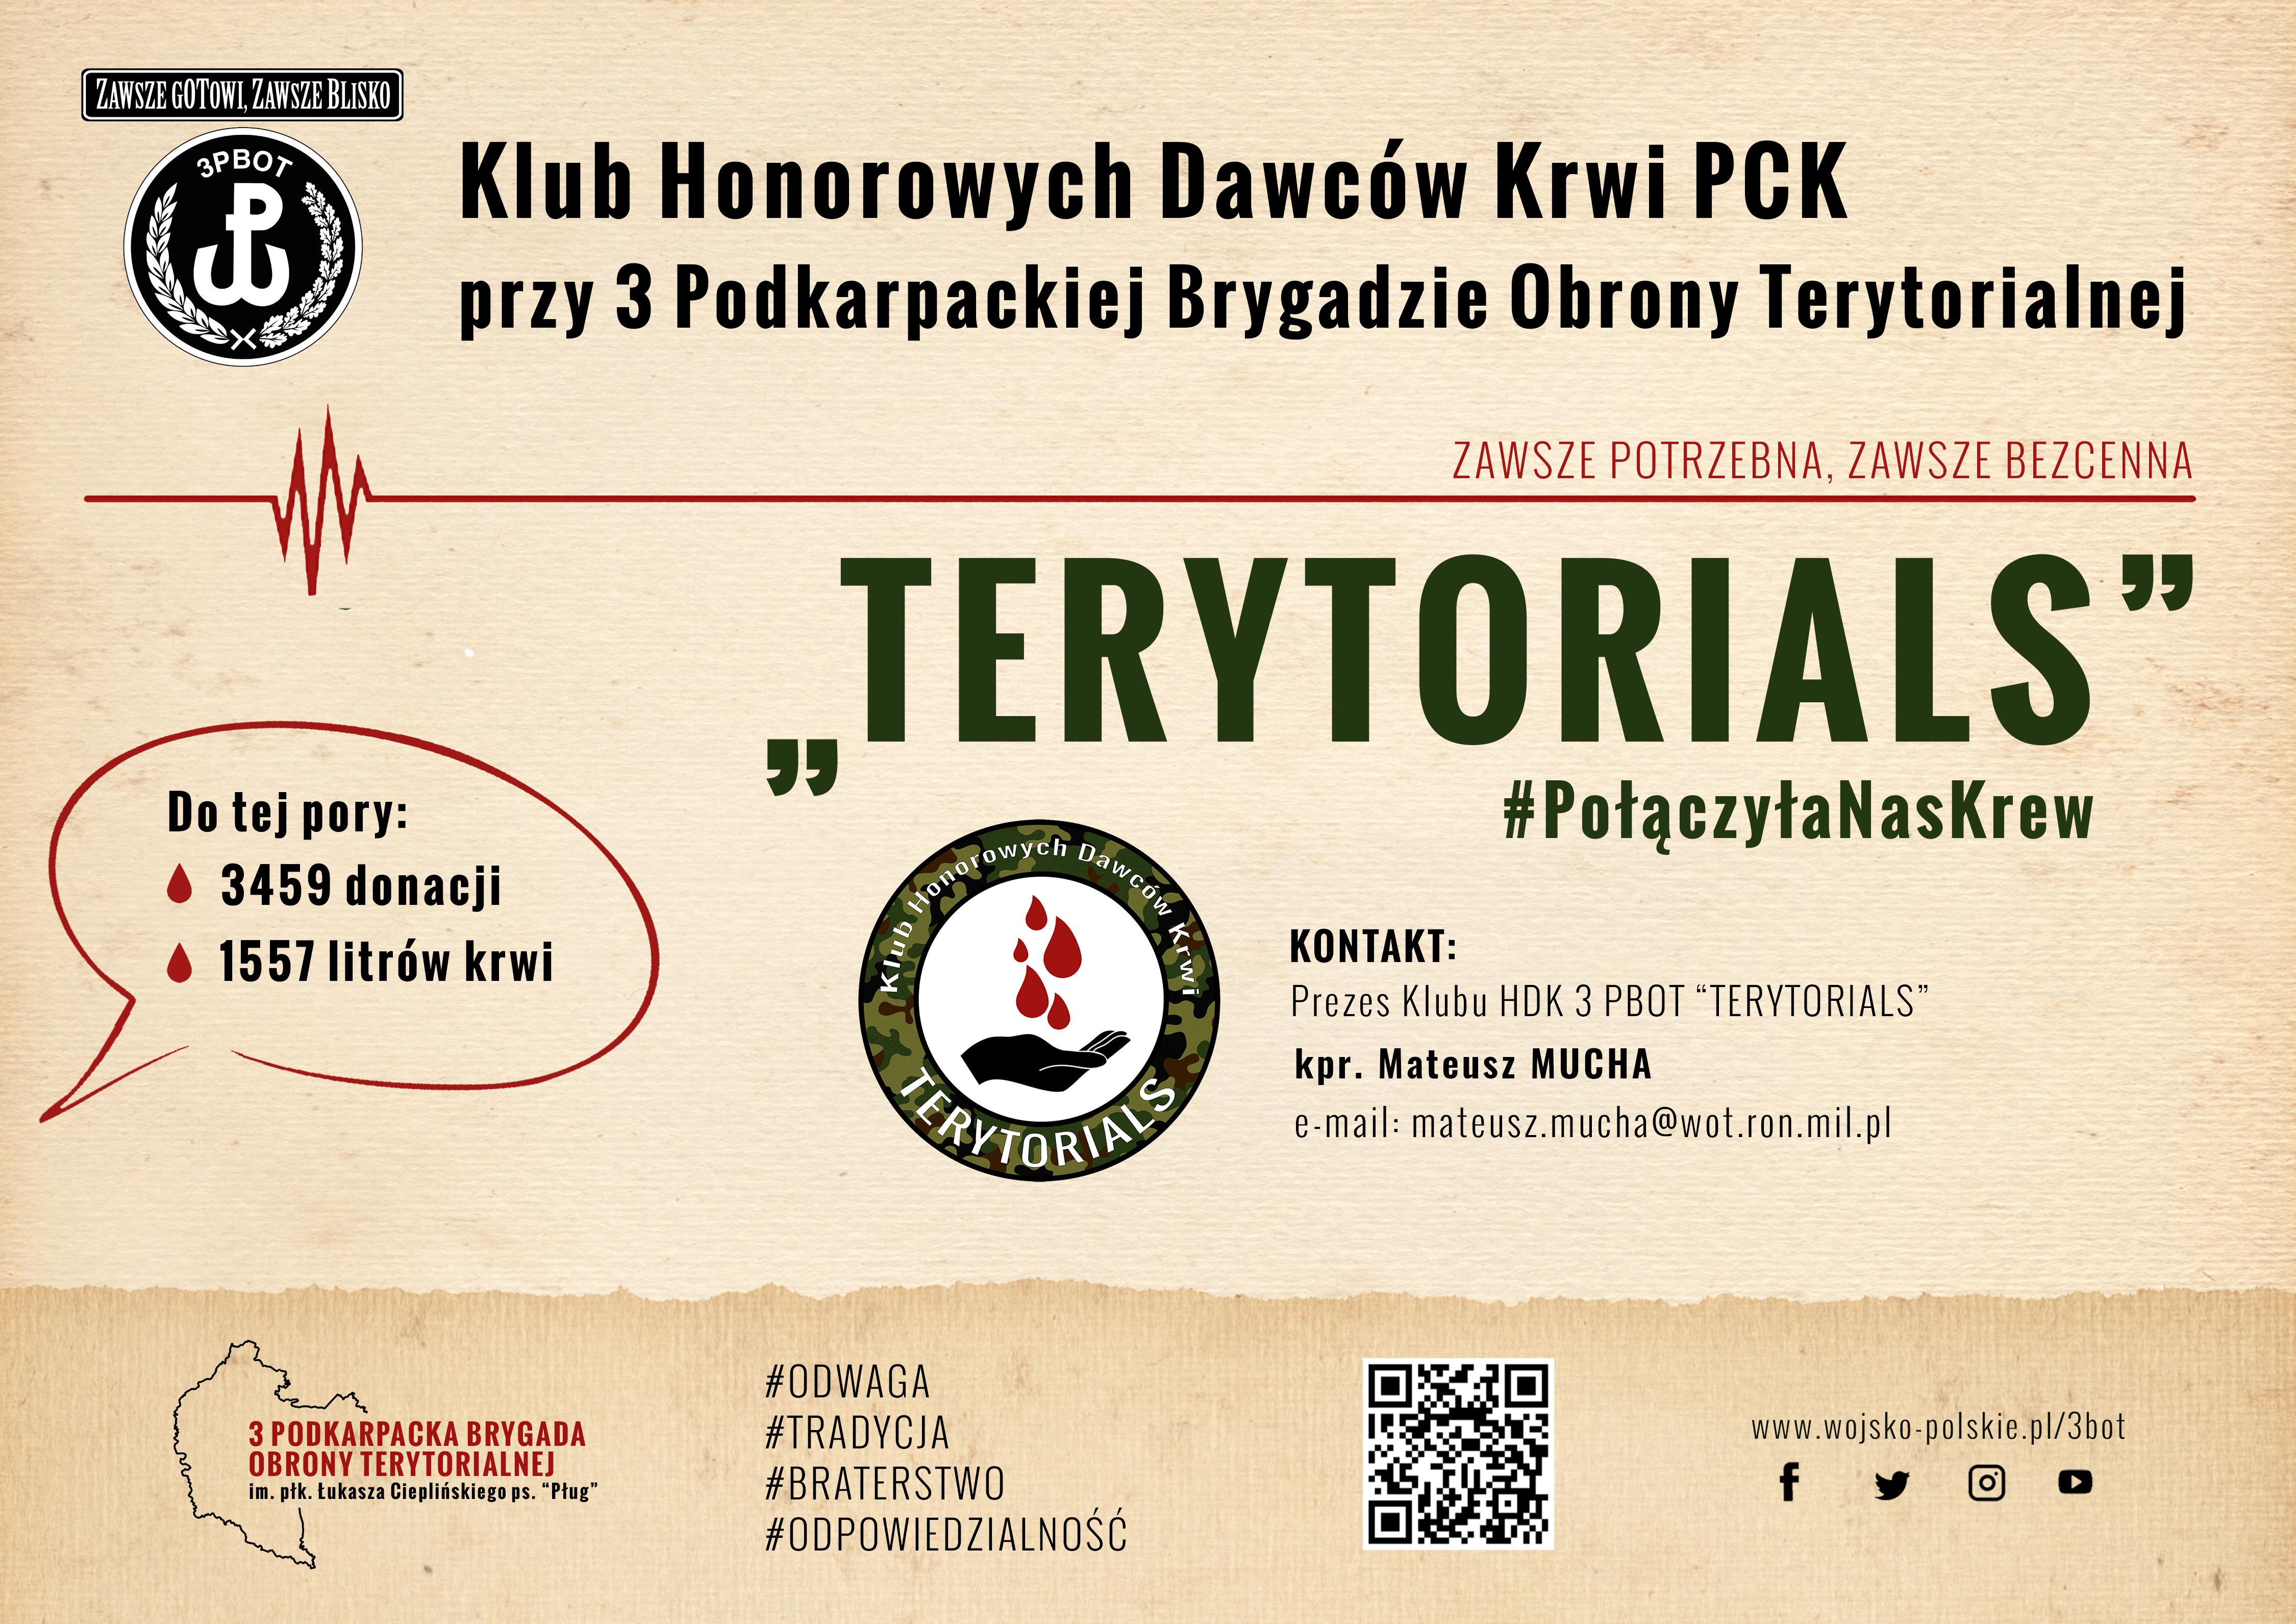 """Klub Honorowych Dawców Krwi Polskiego Czerwonego Krzyża """"Terytorials"""" - Zdjęcie główne"""